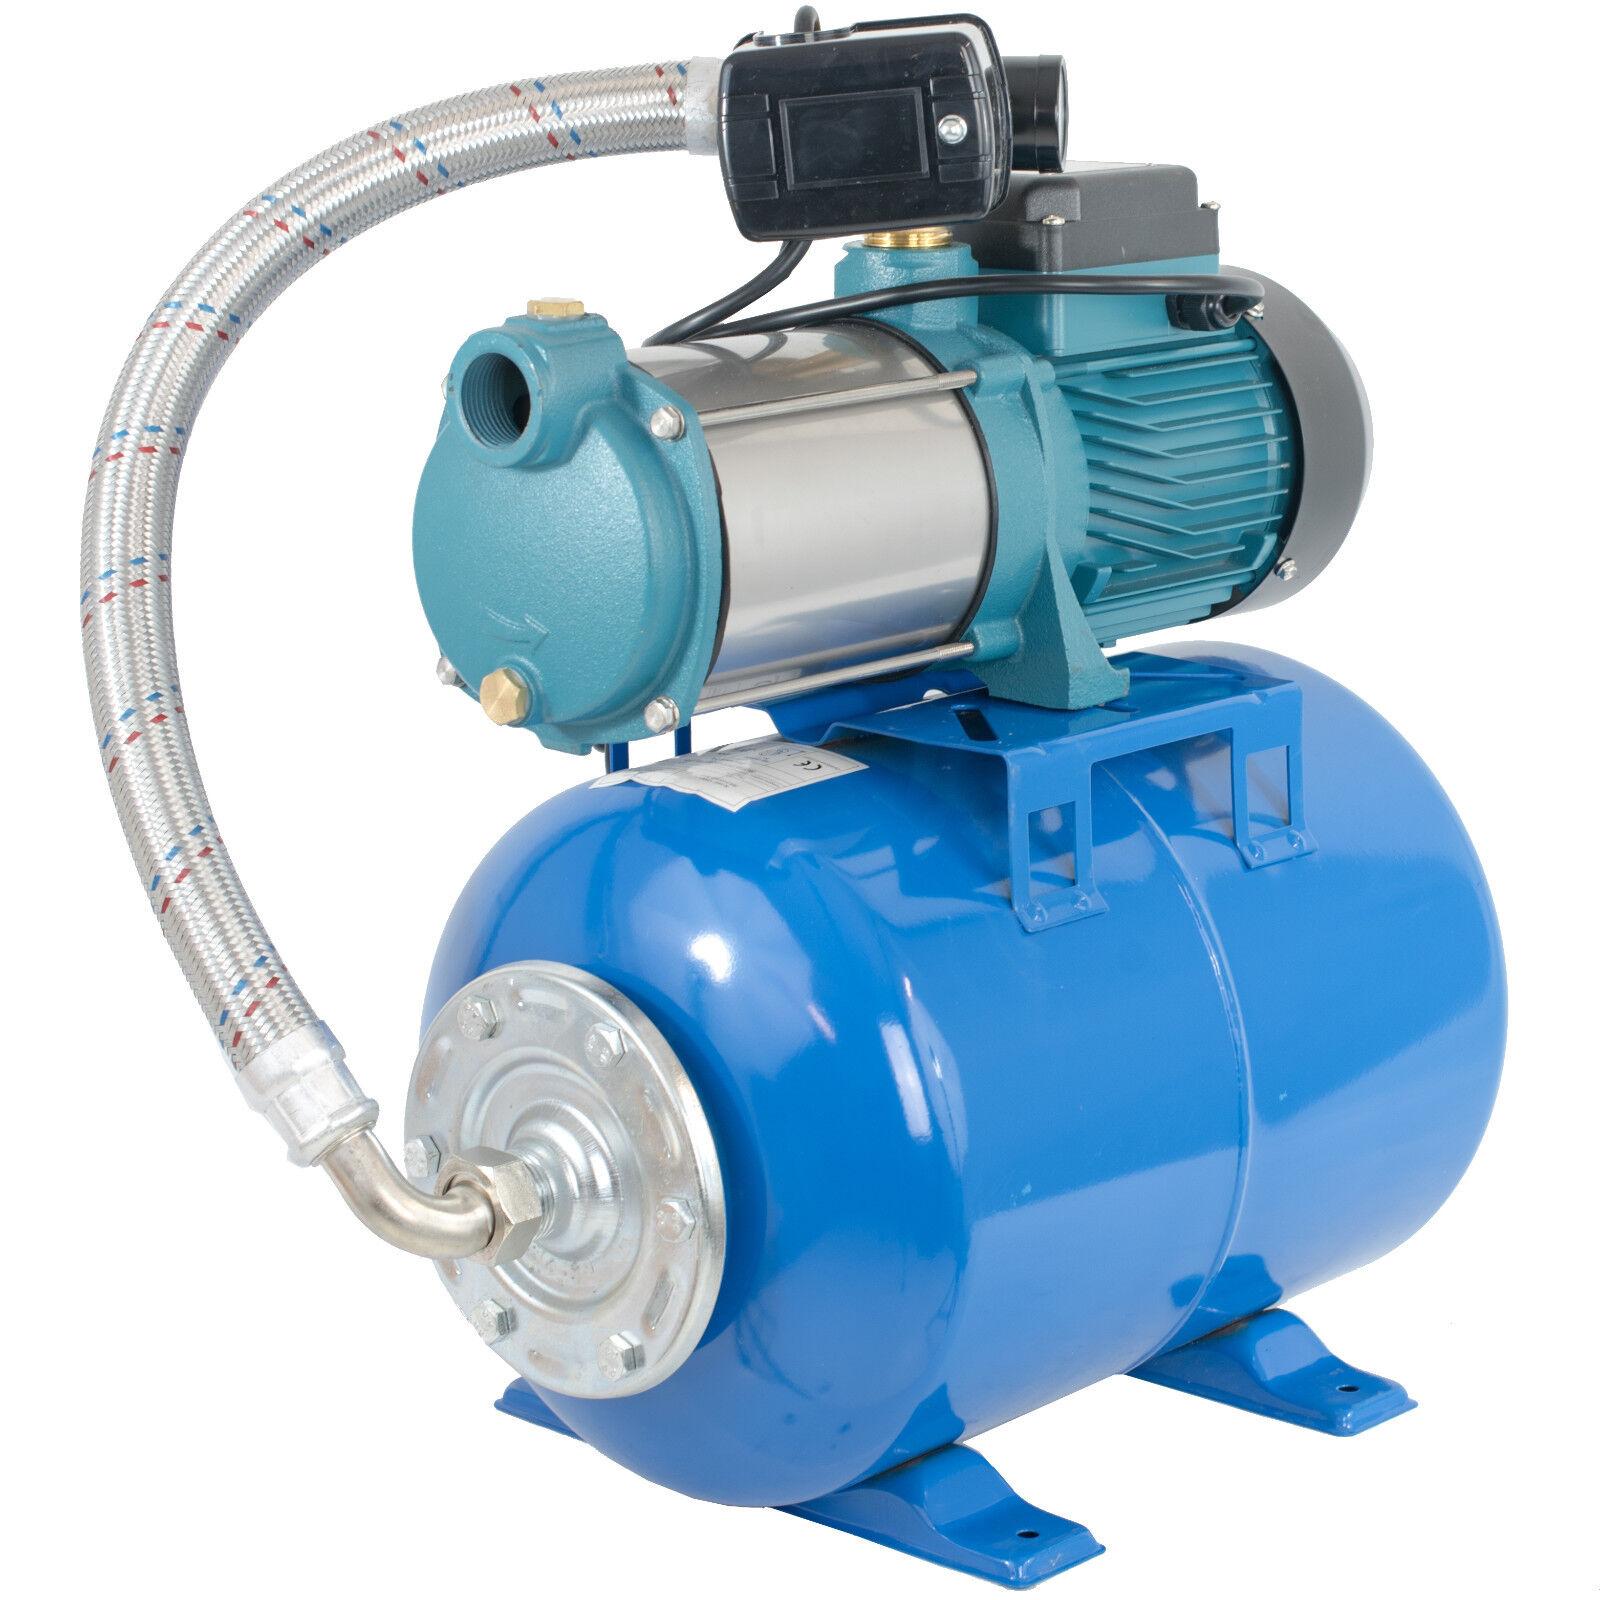 Hauswasserwerk 5-stufige Pumpe MH 1300 6000l/h 24L 50 L 80L 100L Druckbehälter